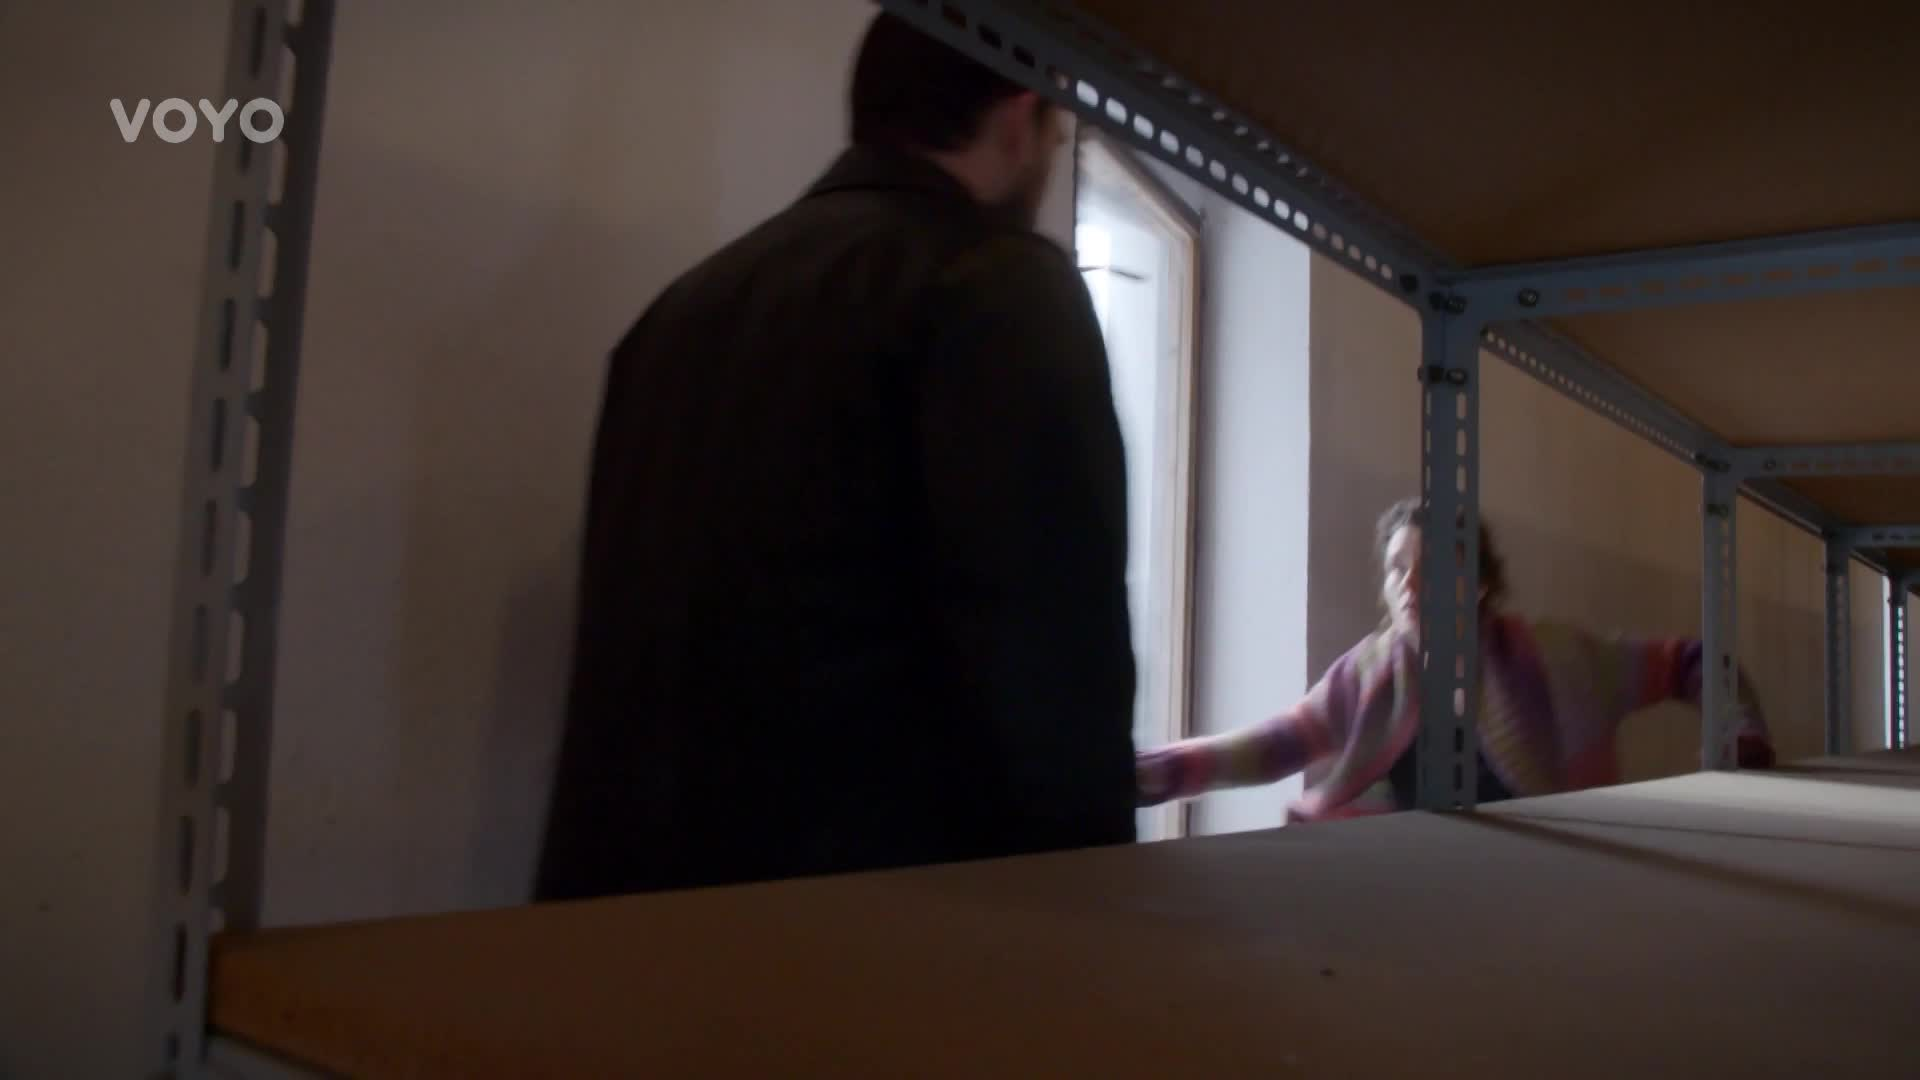 Táňa skočila z okna! Co jste o této scéně určitě nevěděli?